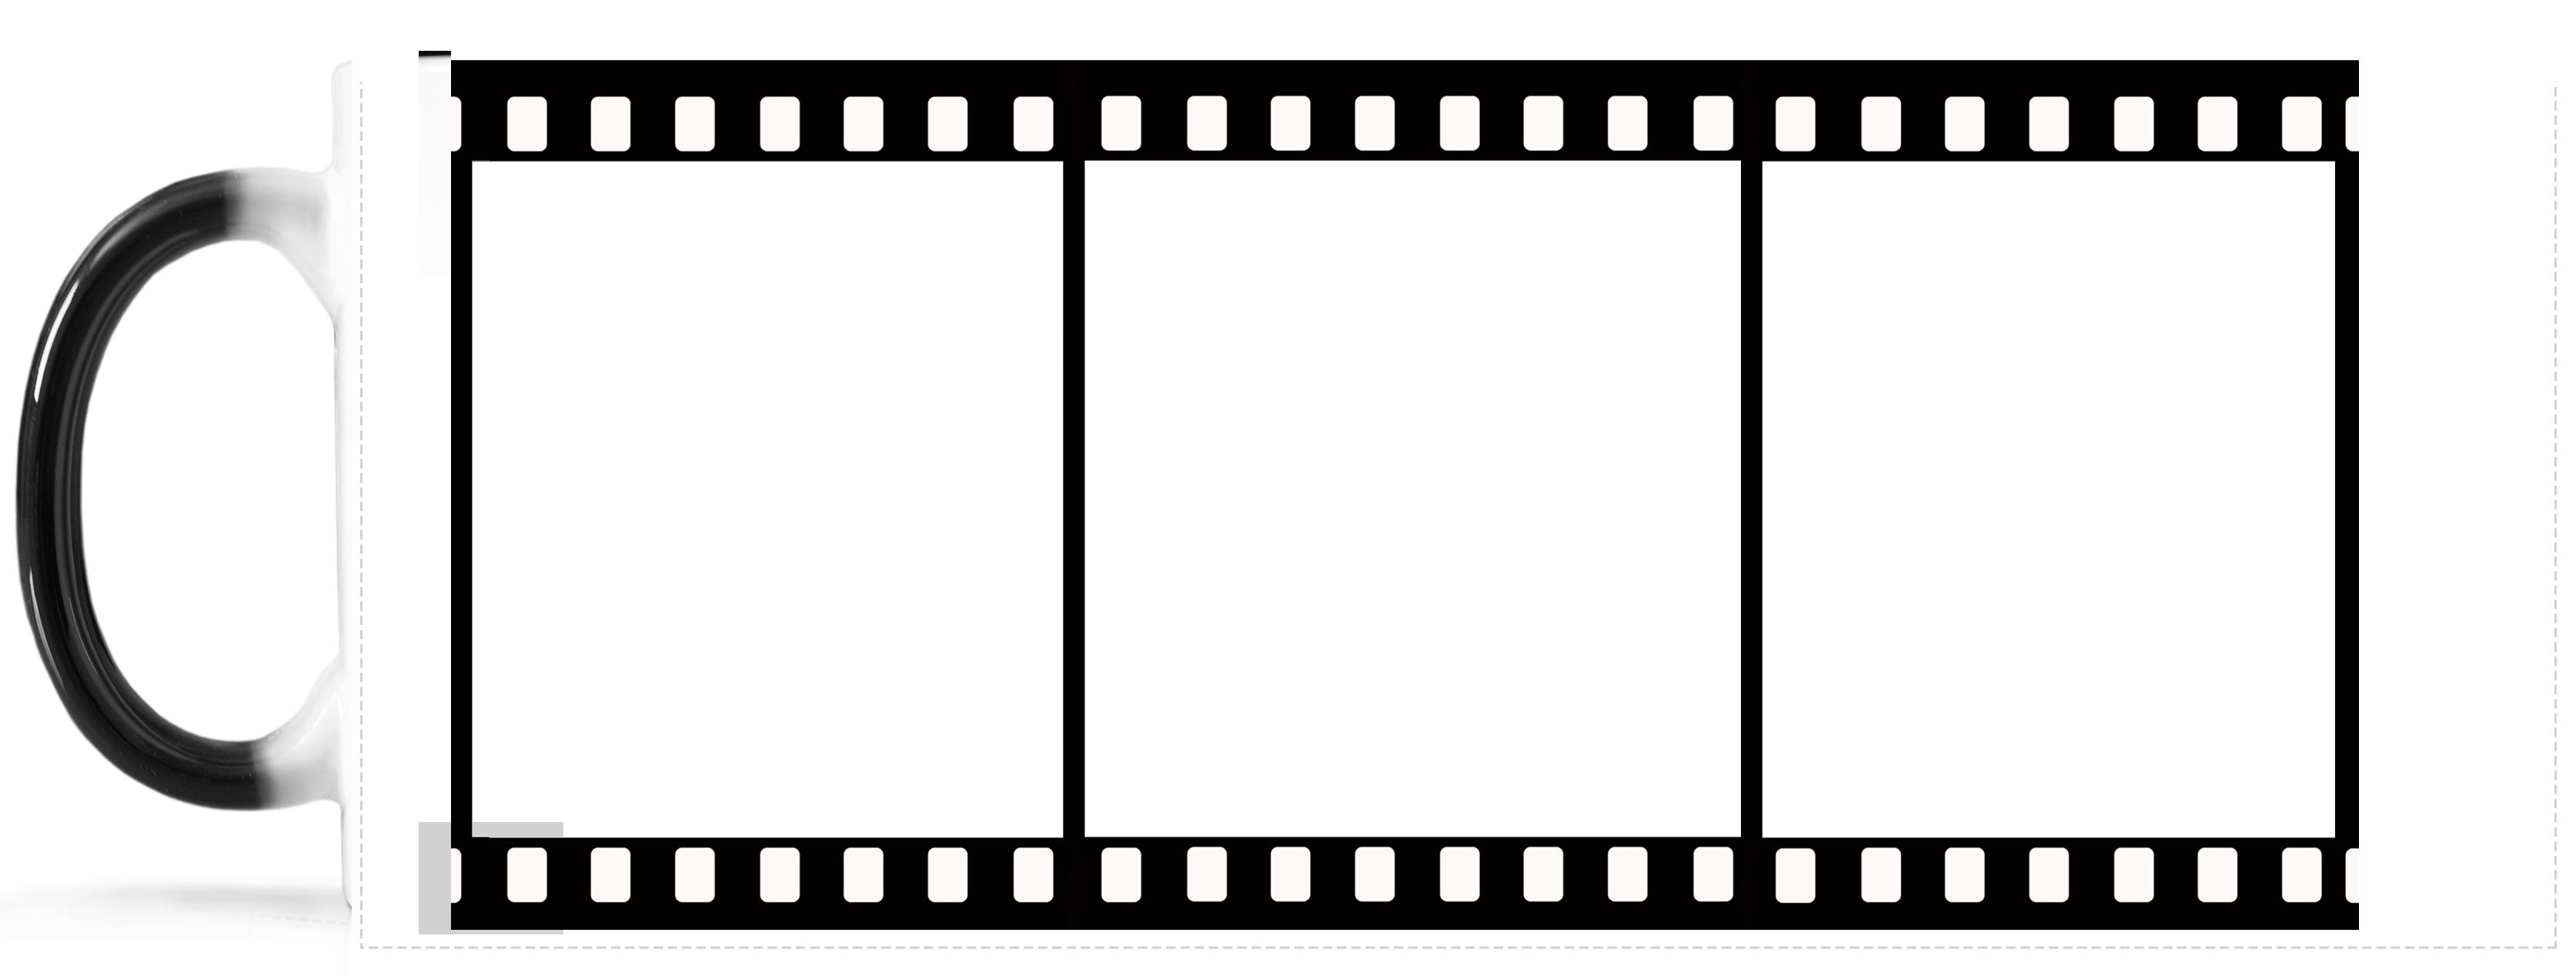 Film Reel Border Png Kodak Film Frame Png.